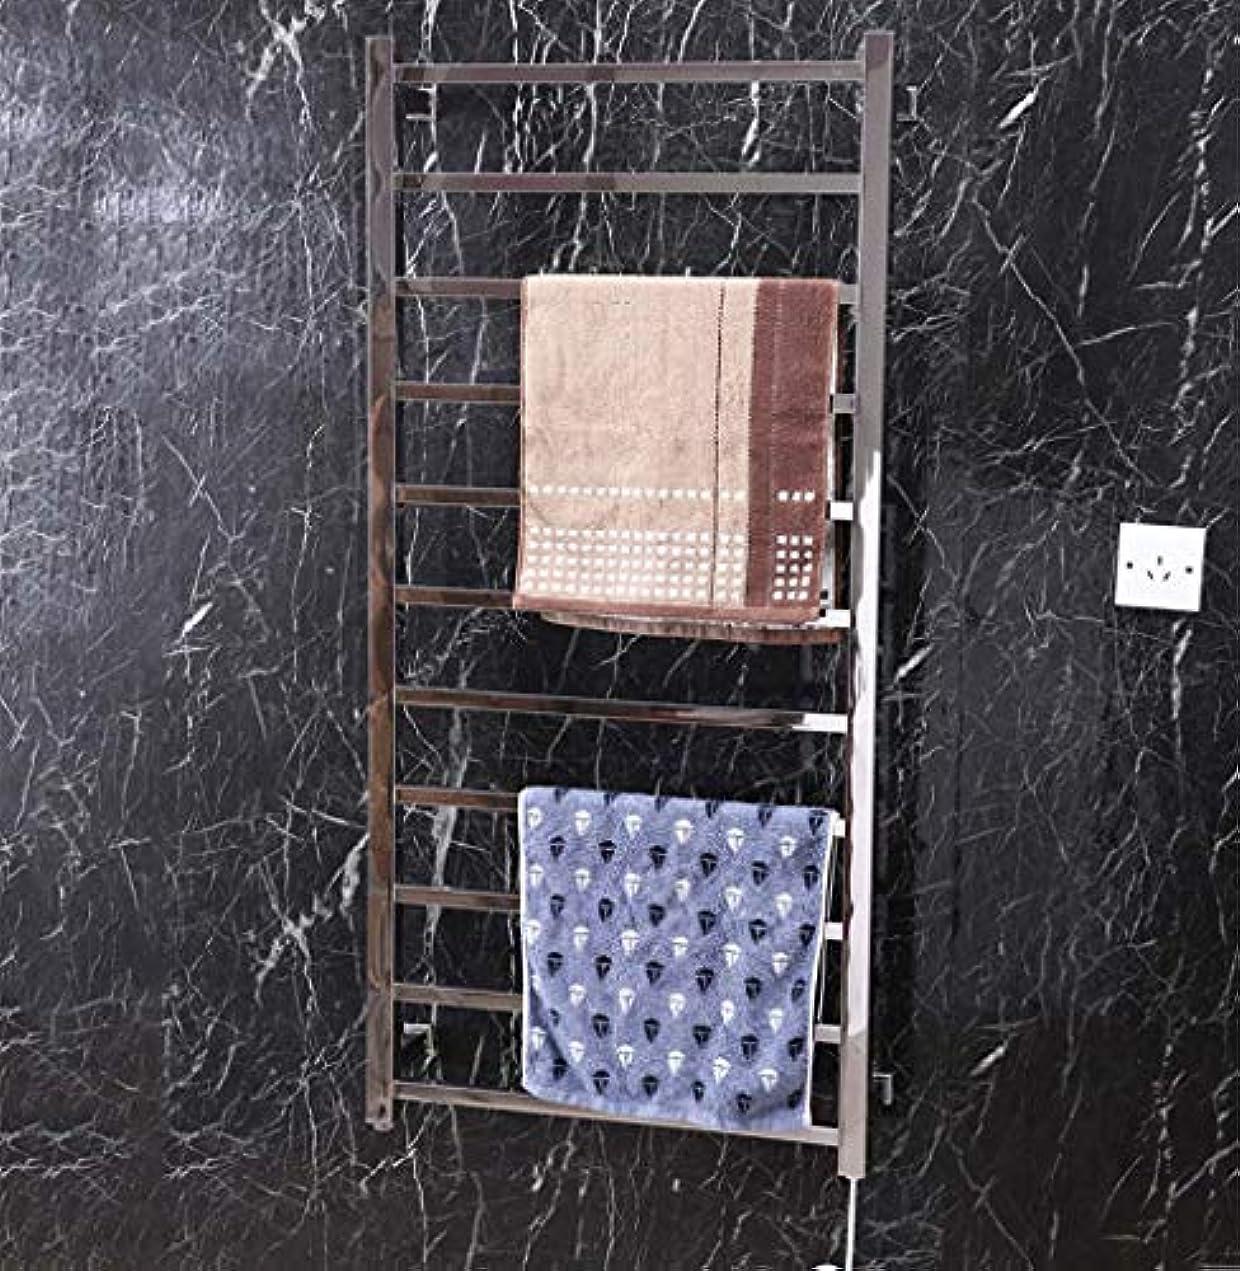 繁栄する委員会水星壁掛け式電気タオルウォーマー、304ステンレススチール製インテリジェント電気タオルラジエーター、サーモスタット滅菌、浴室棚1200X560X125mm